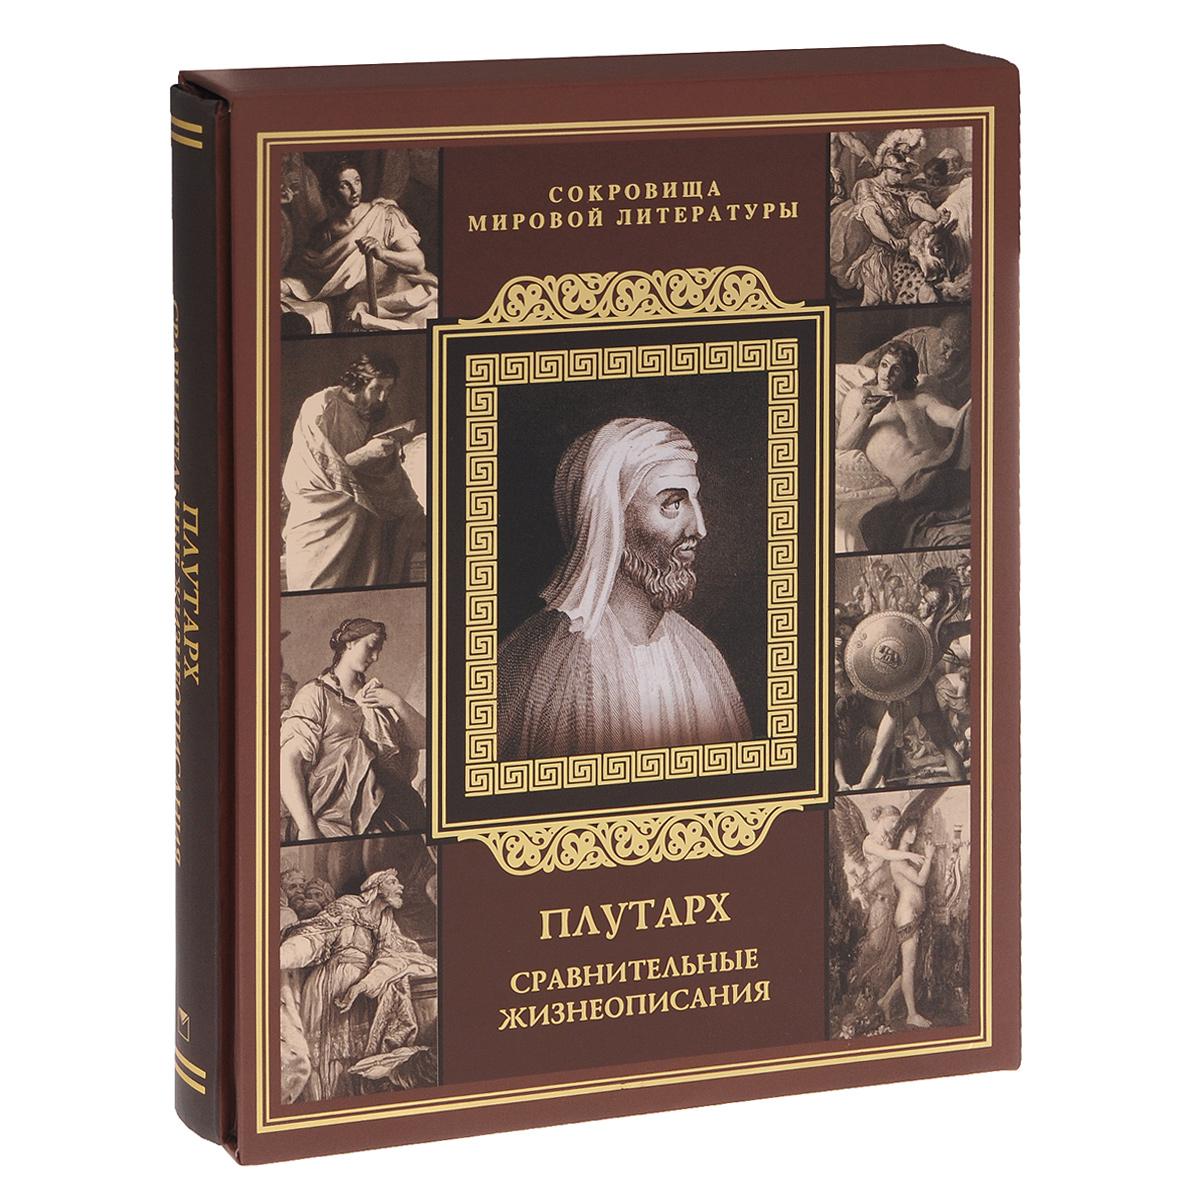 Плутарх Сравнительные жизнеописания книга мастеров